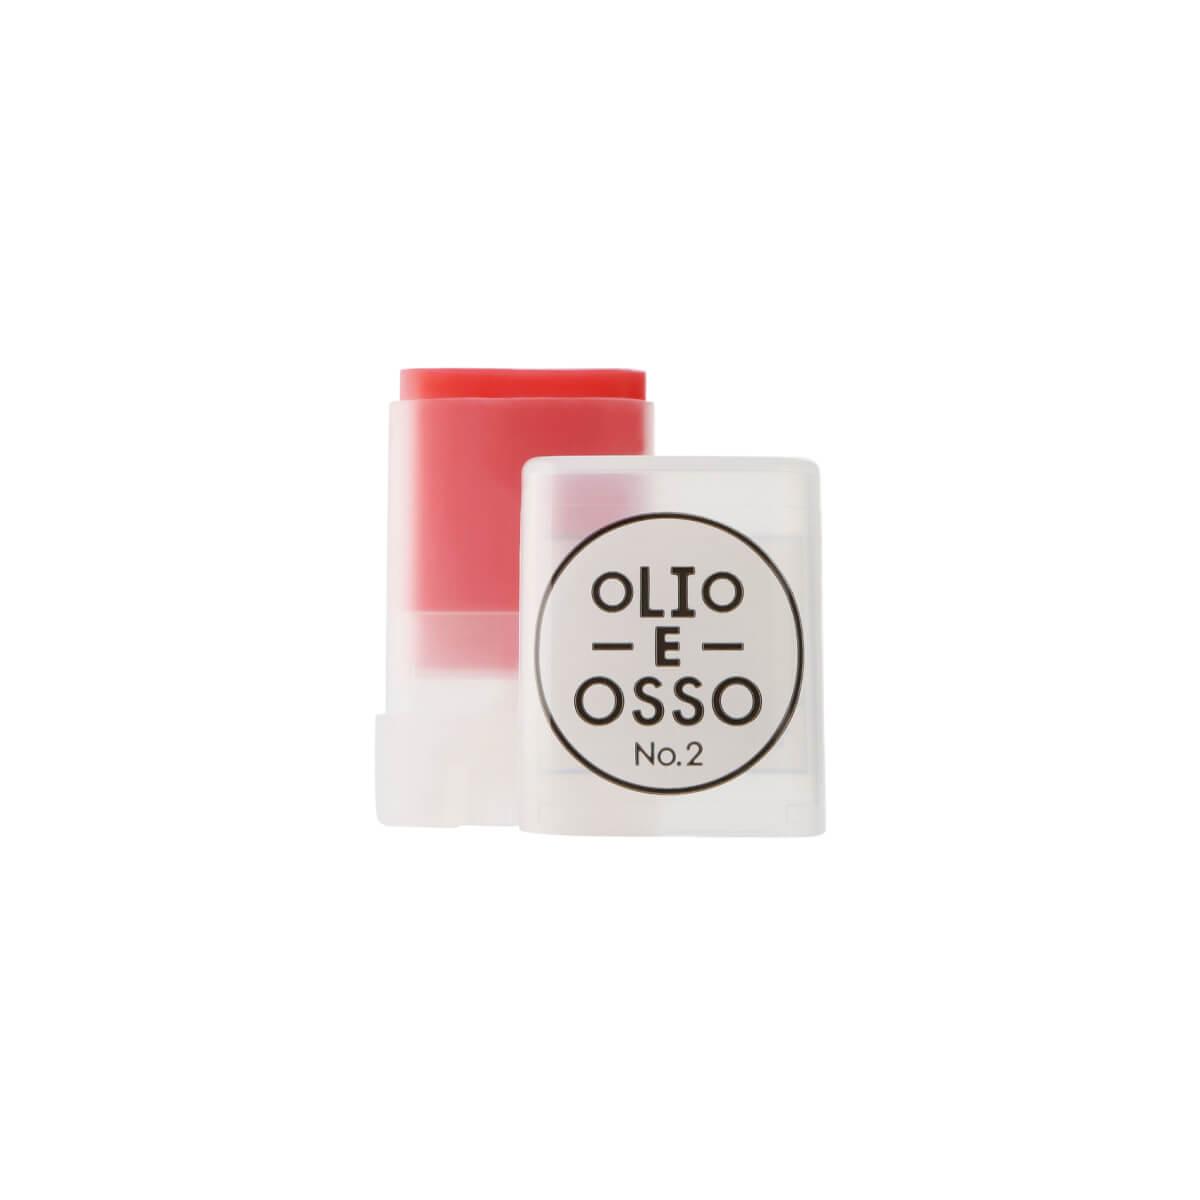 Olio e Osso Balm in French Melon